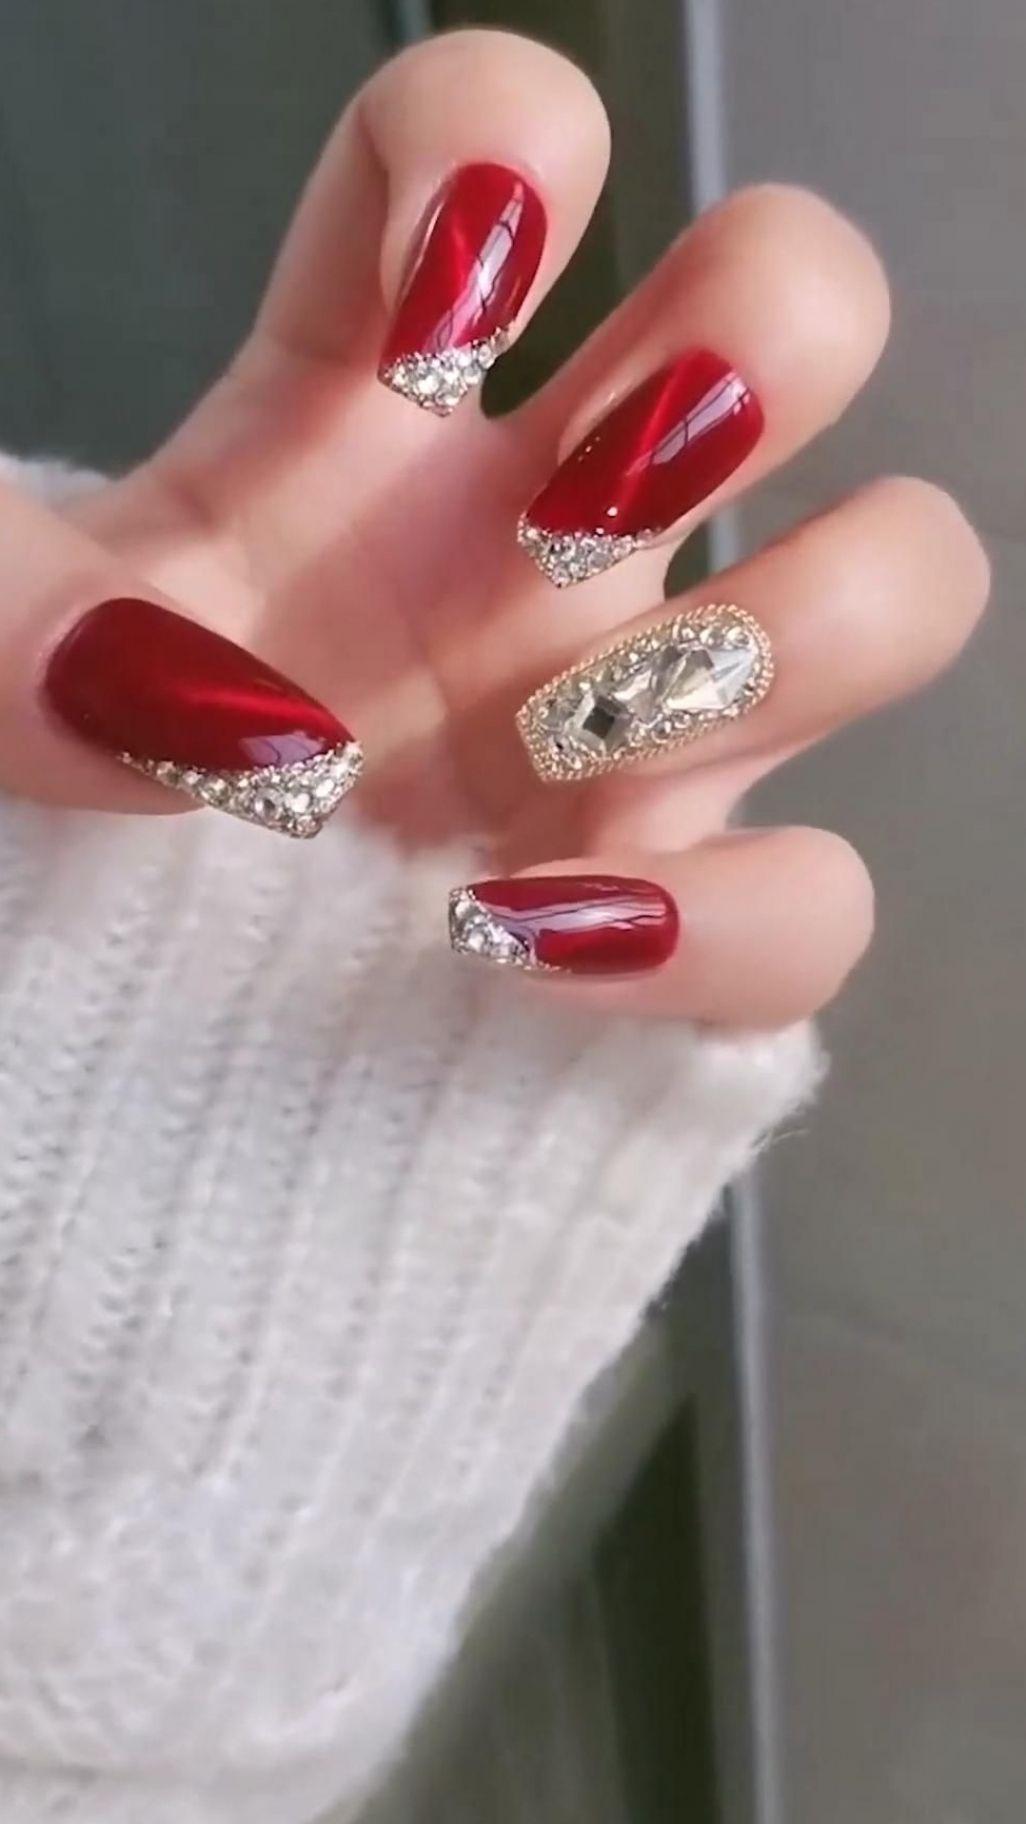 unhas decoradas unhas decoradas #christmasnail #ch